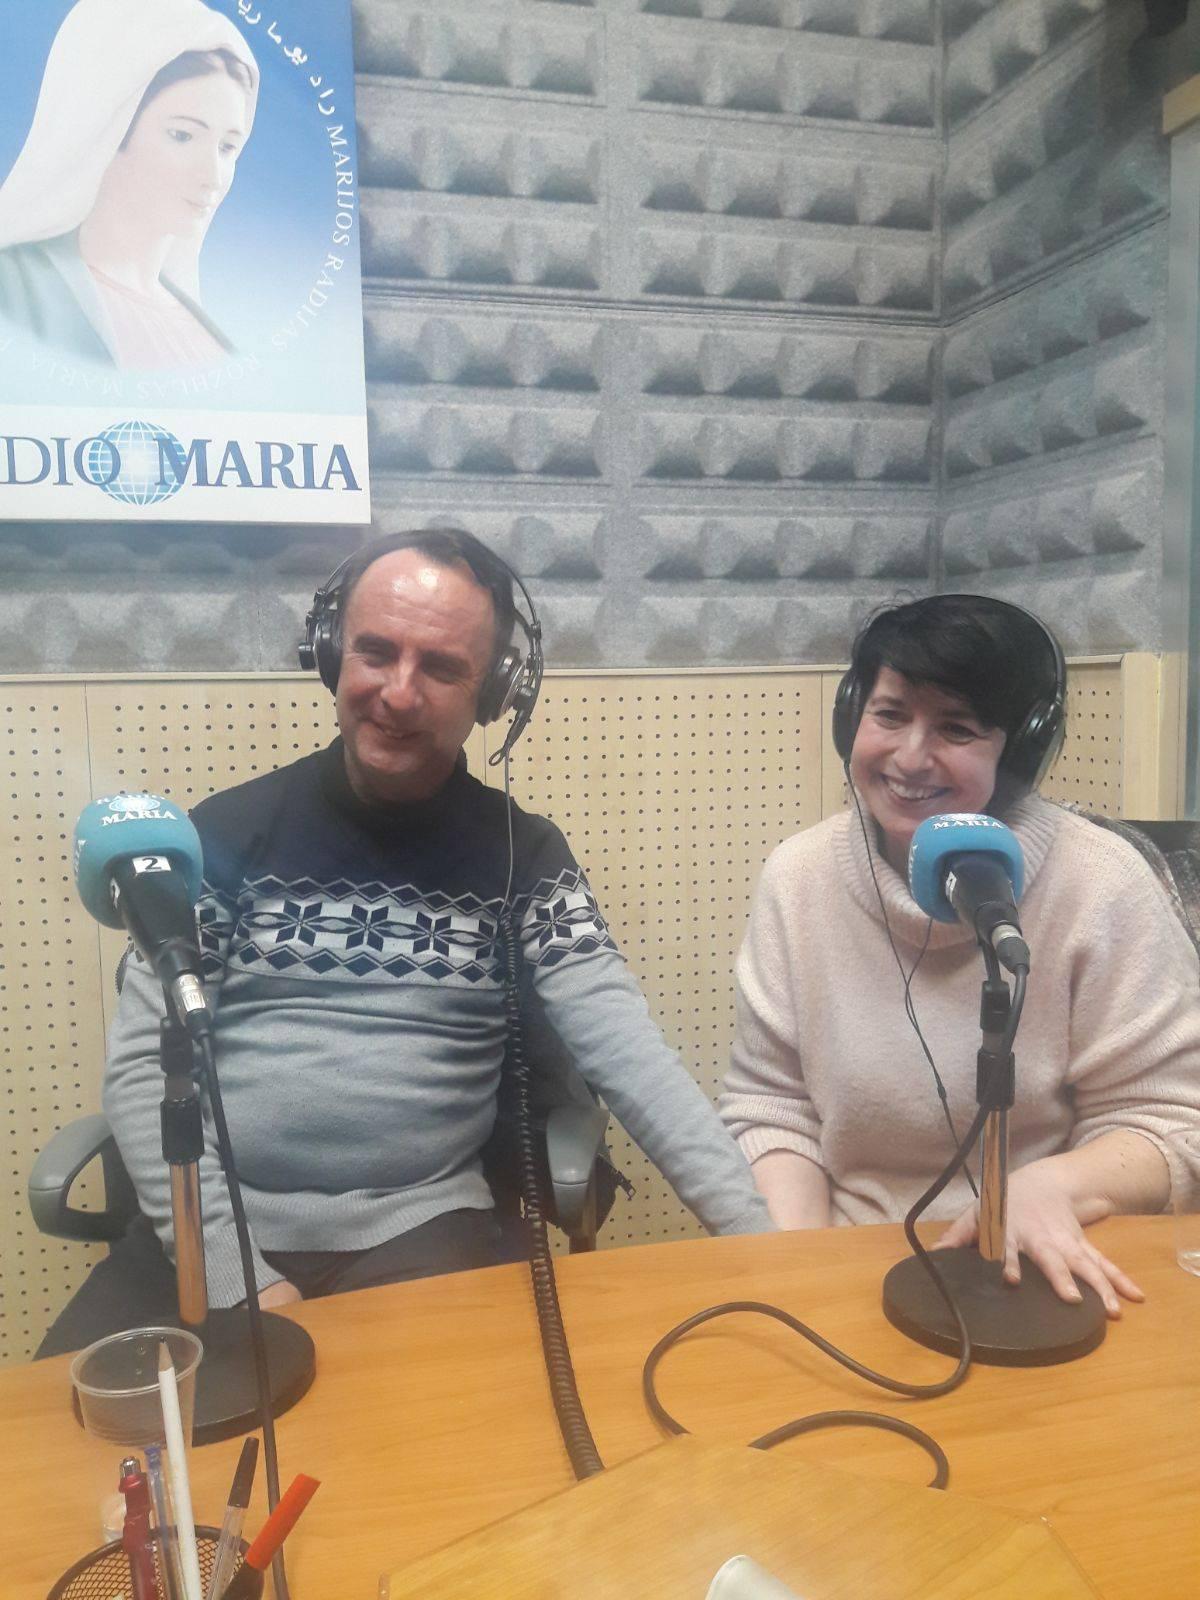 Miguel y Mariavi Cis Adar 1 - Cis Adar da un concierto en Toledo